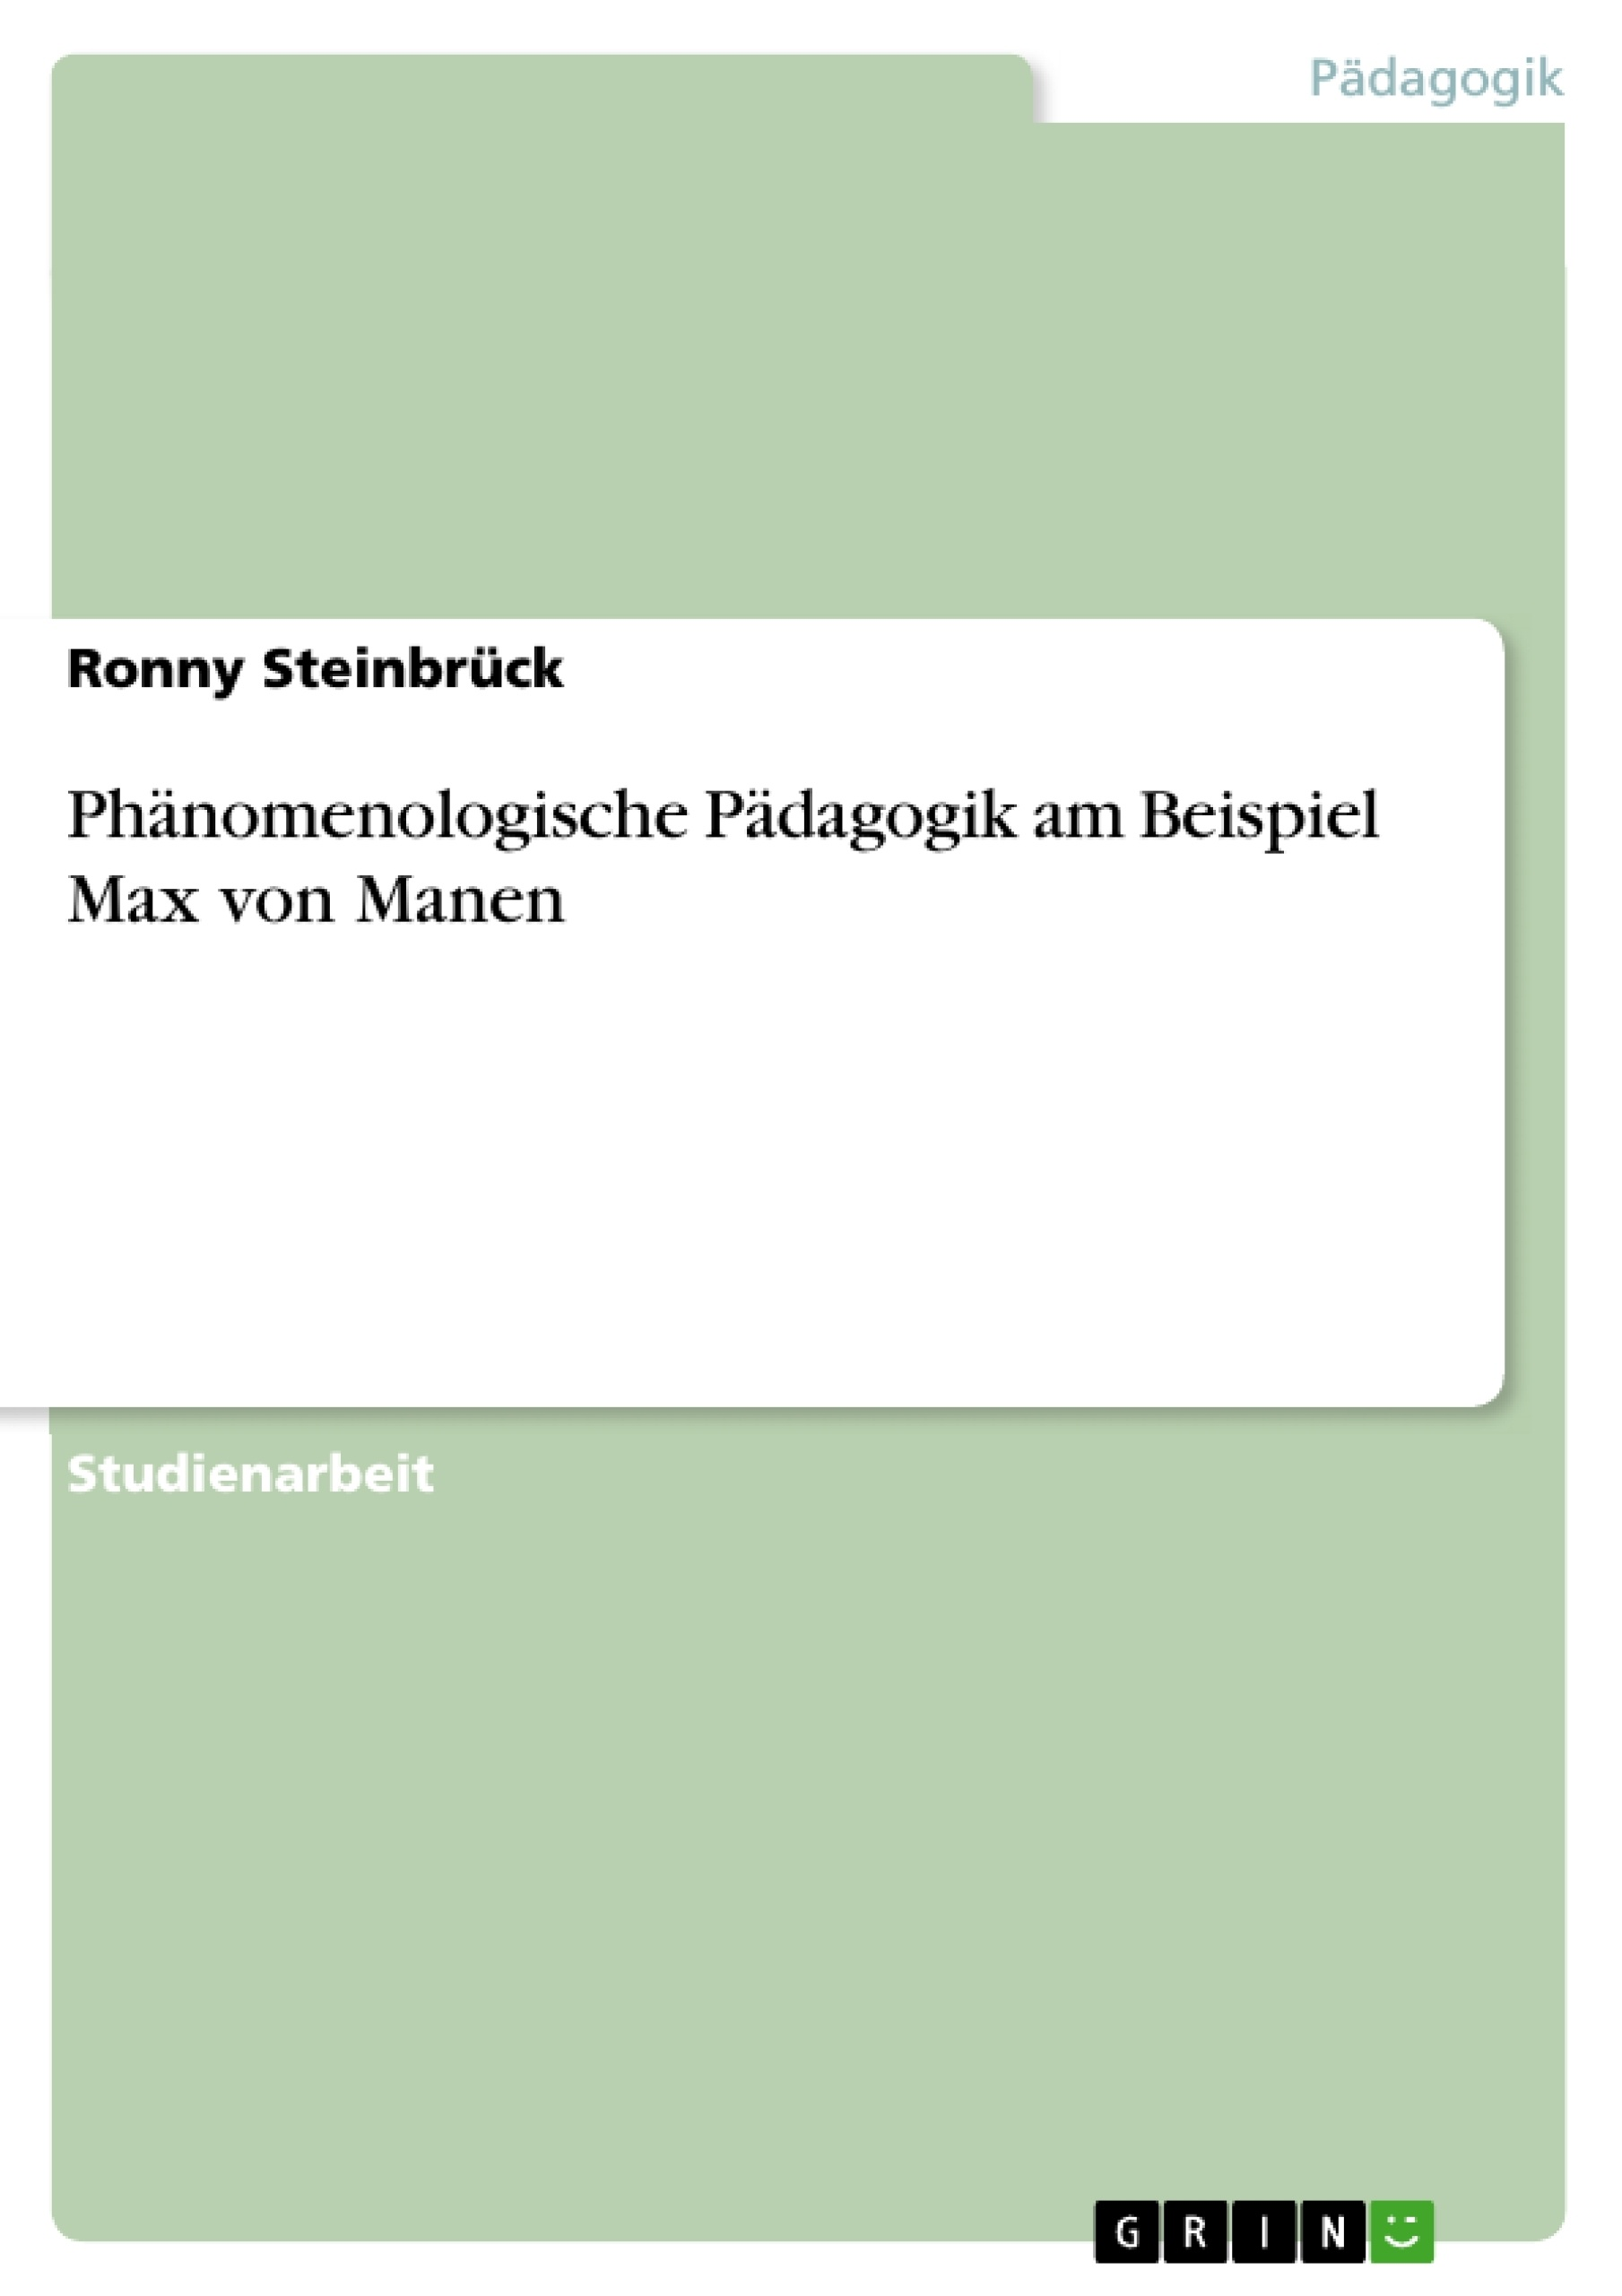 Titel: Phänomenologische Pädagogik am Beispiel Max von Manen